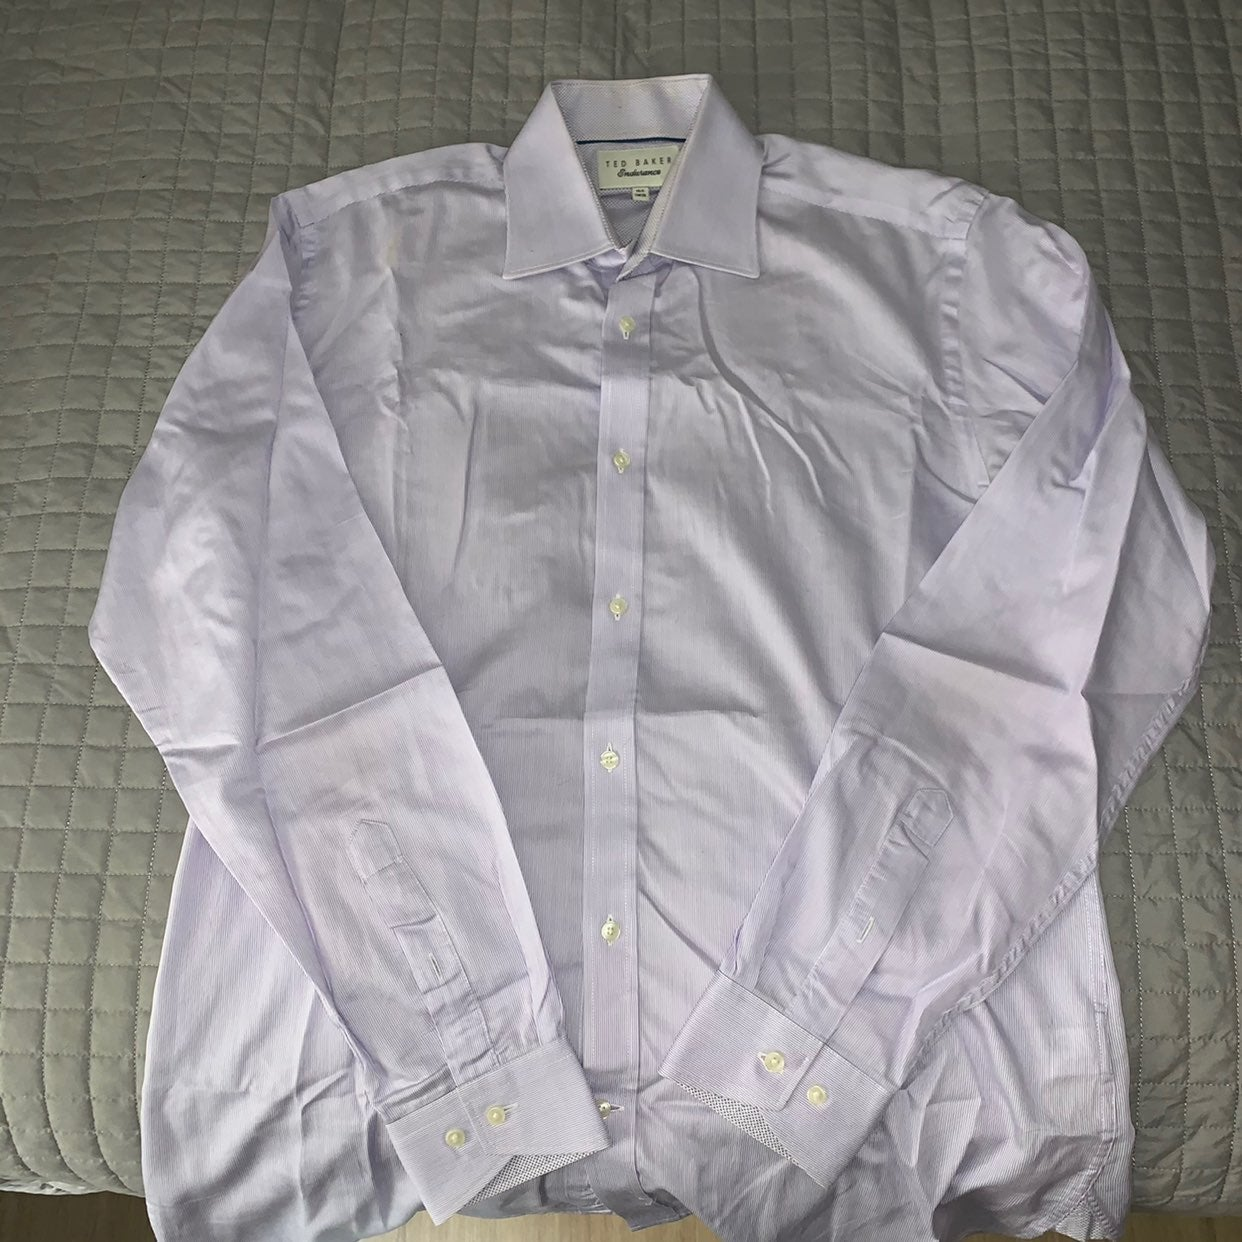 Ted Baker Endurance Shirt 15.5x34/35